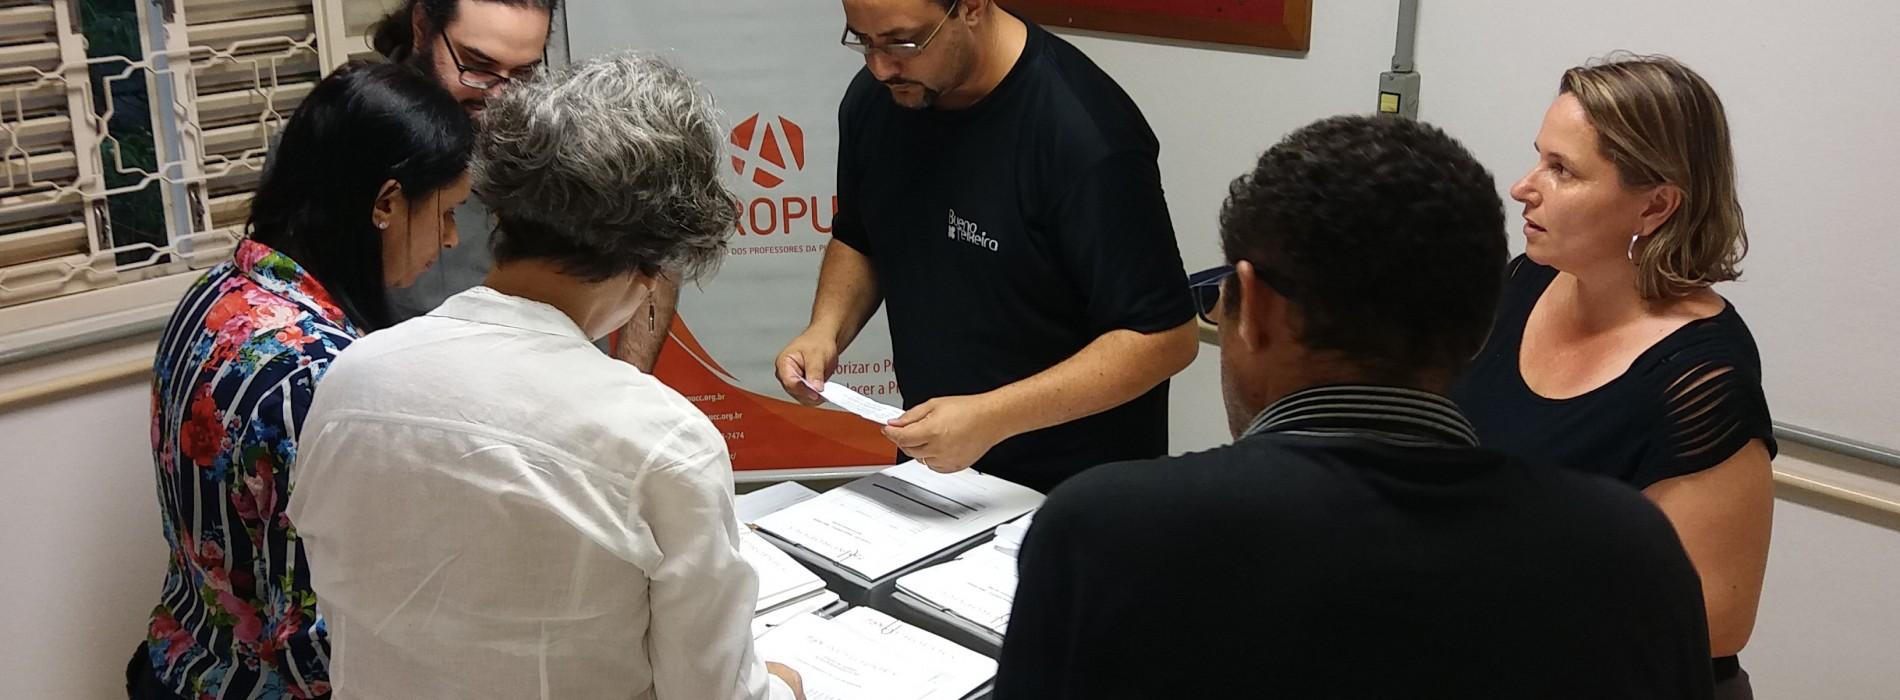 """""""Resistência Democrática"""" foi eleita com 94,6% de aprovação para dirigir a Apropucc no biênio 2020/2021"""